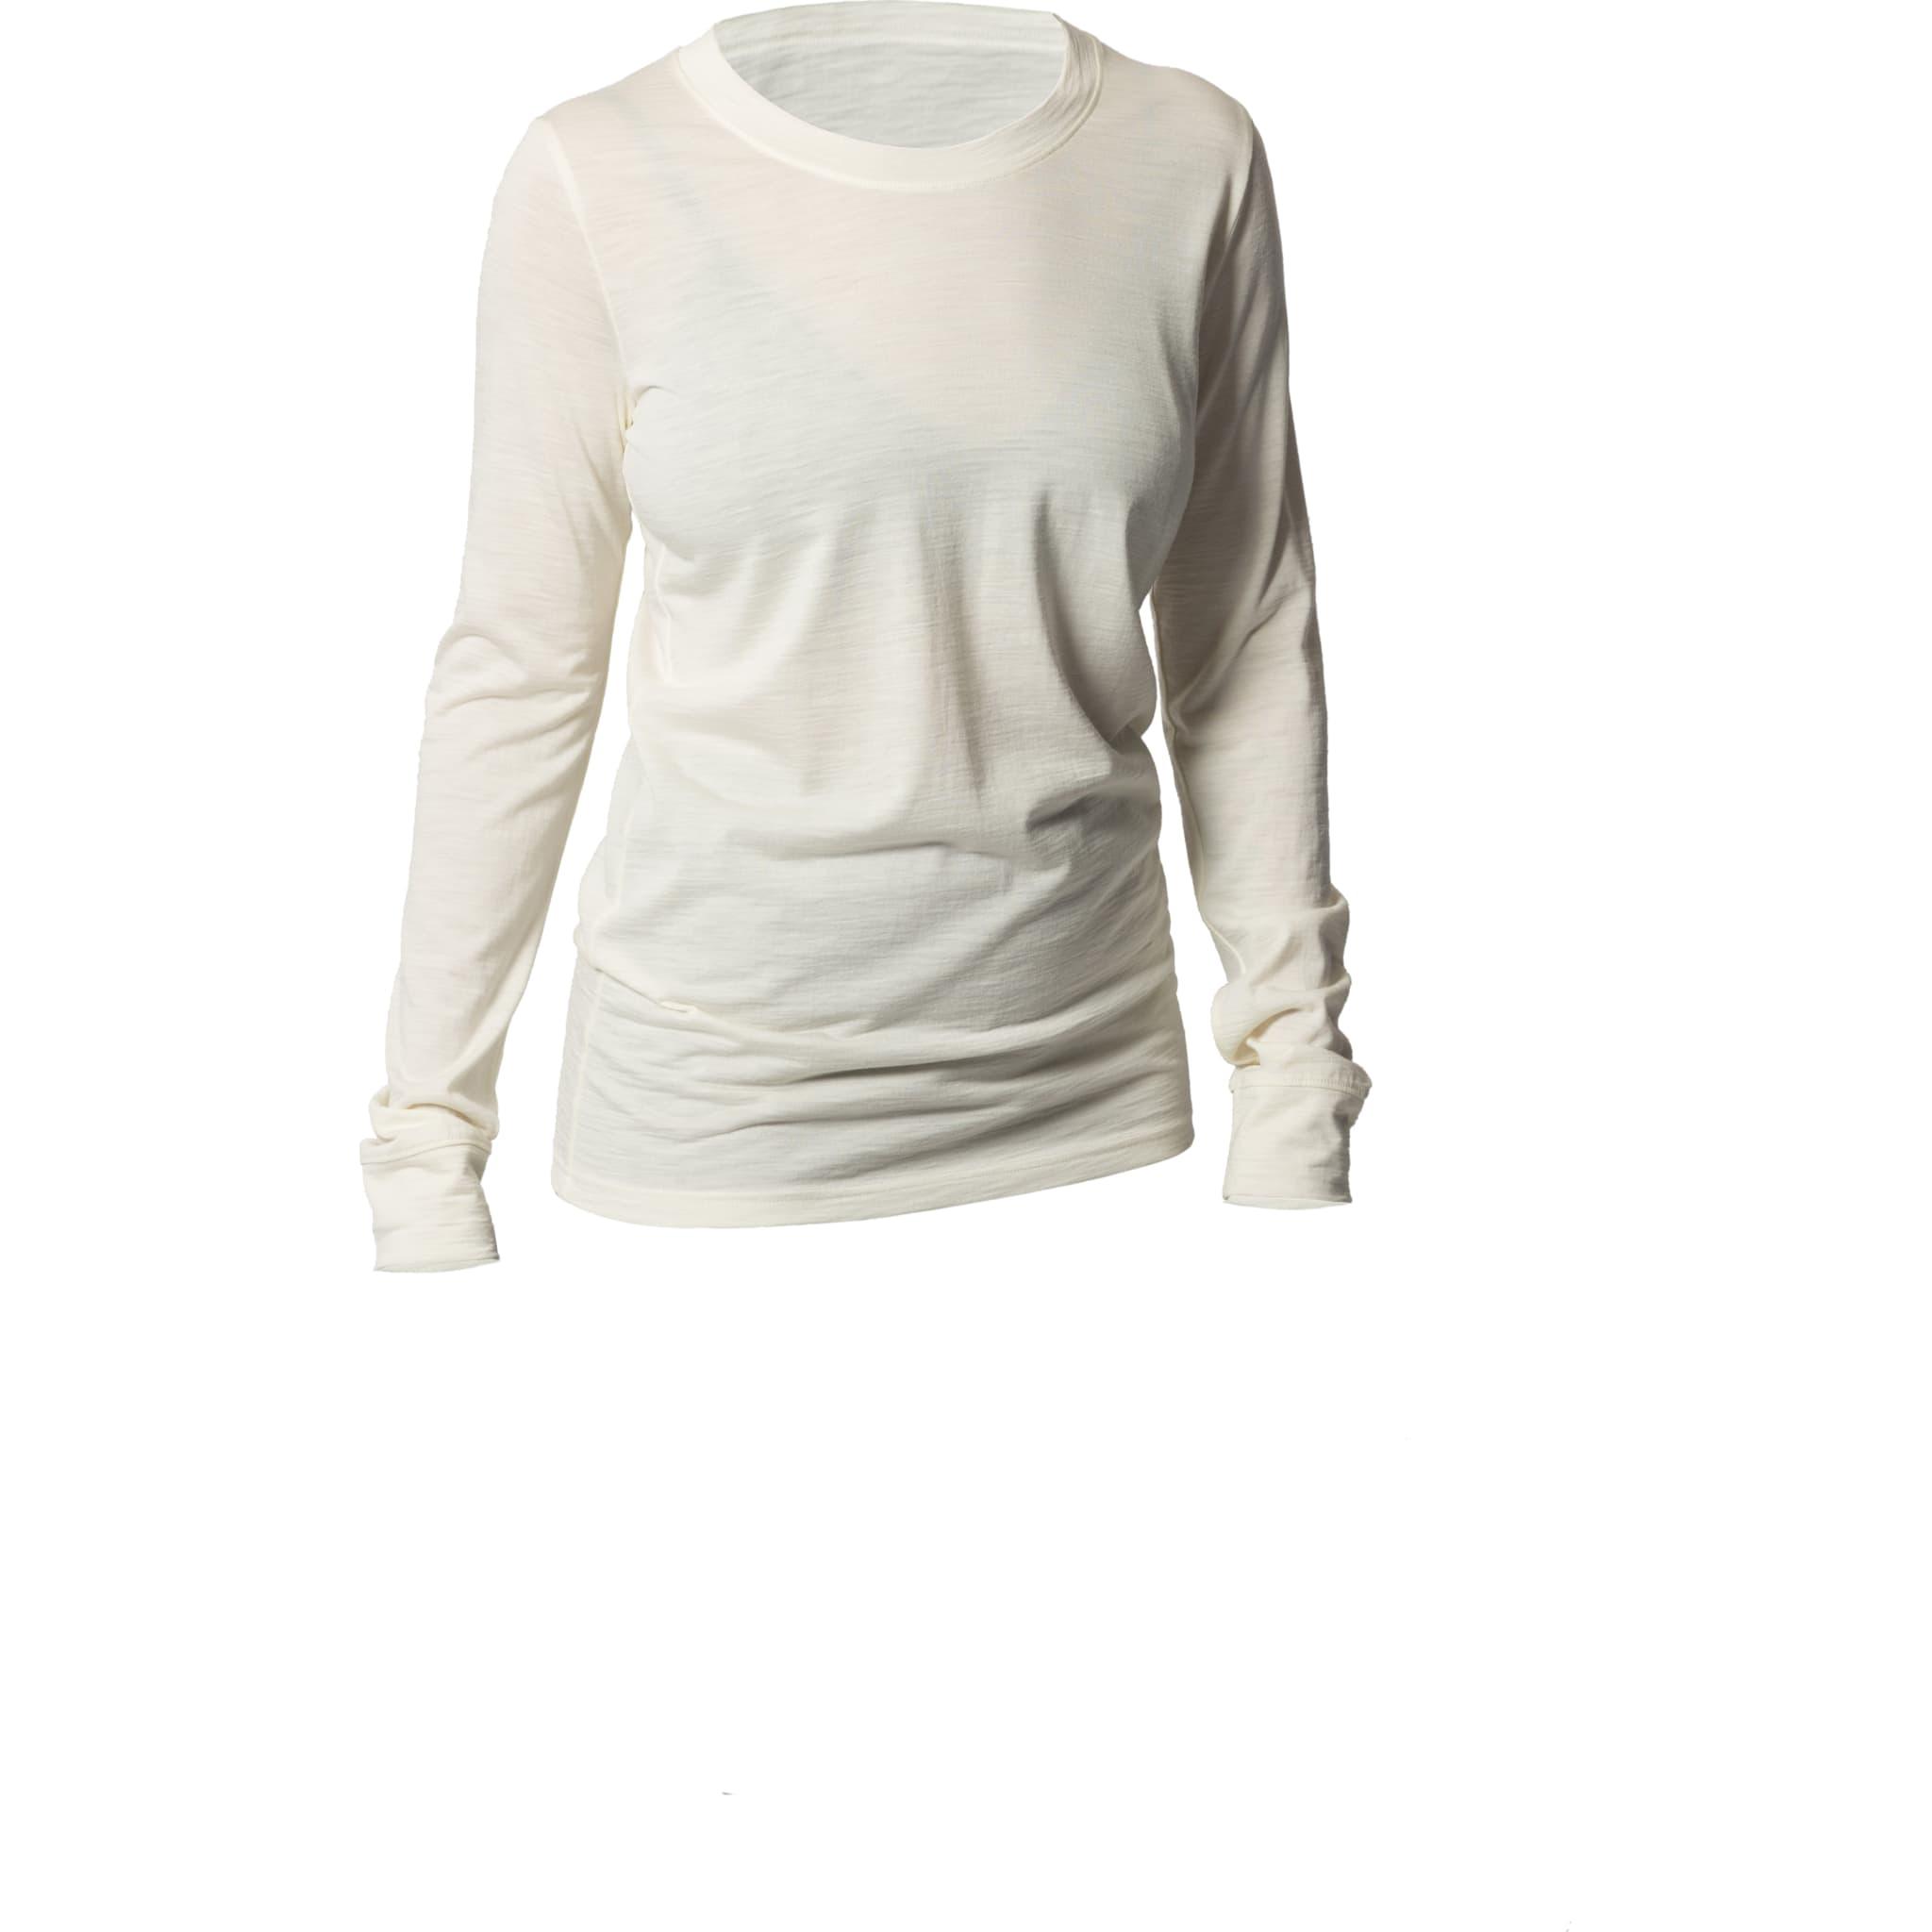 Langermet trøye i ull silke